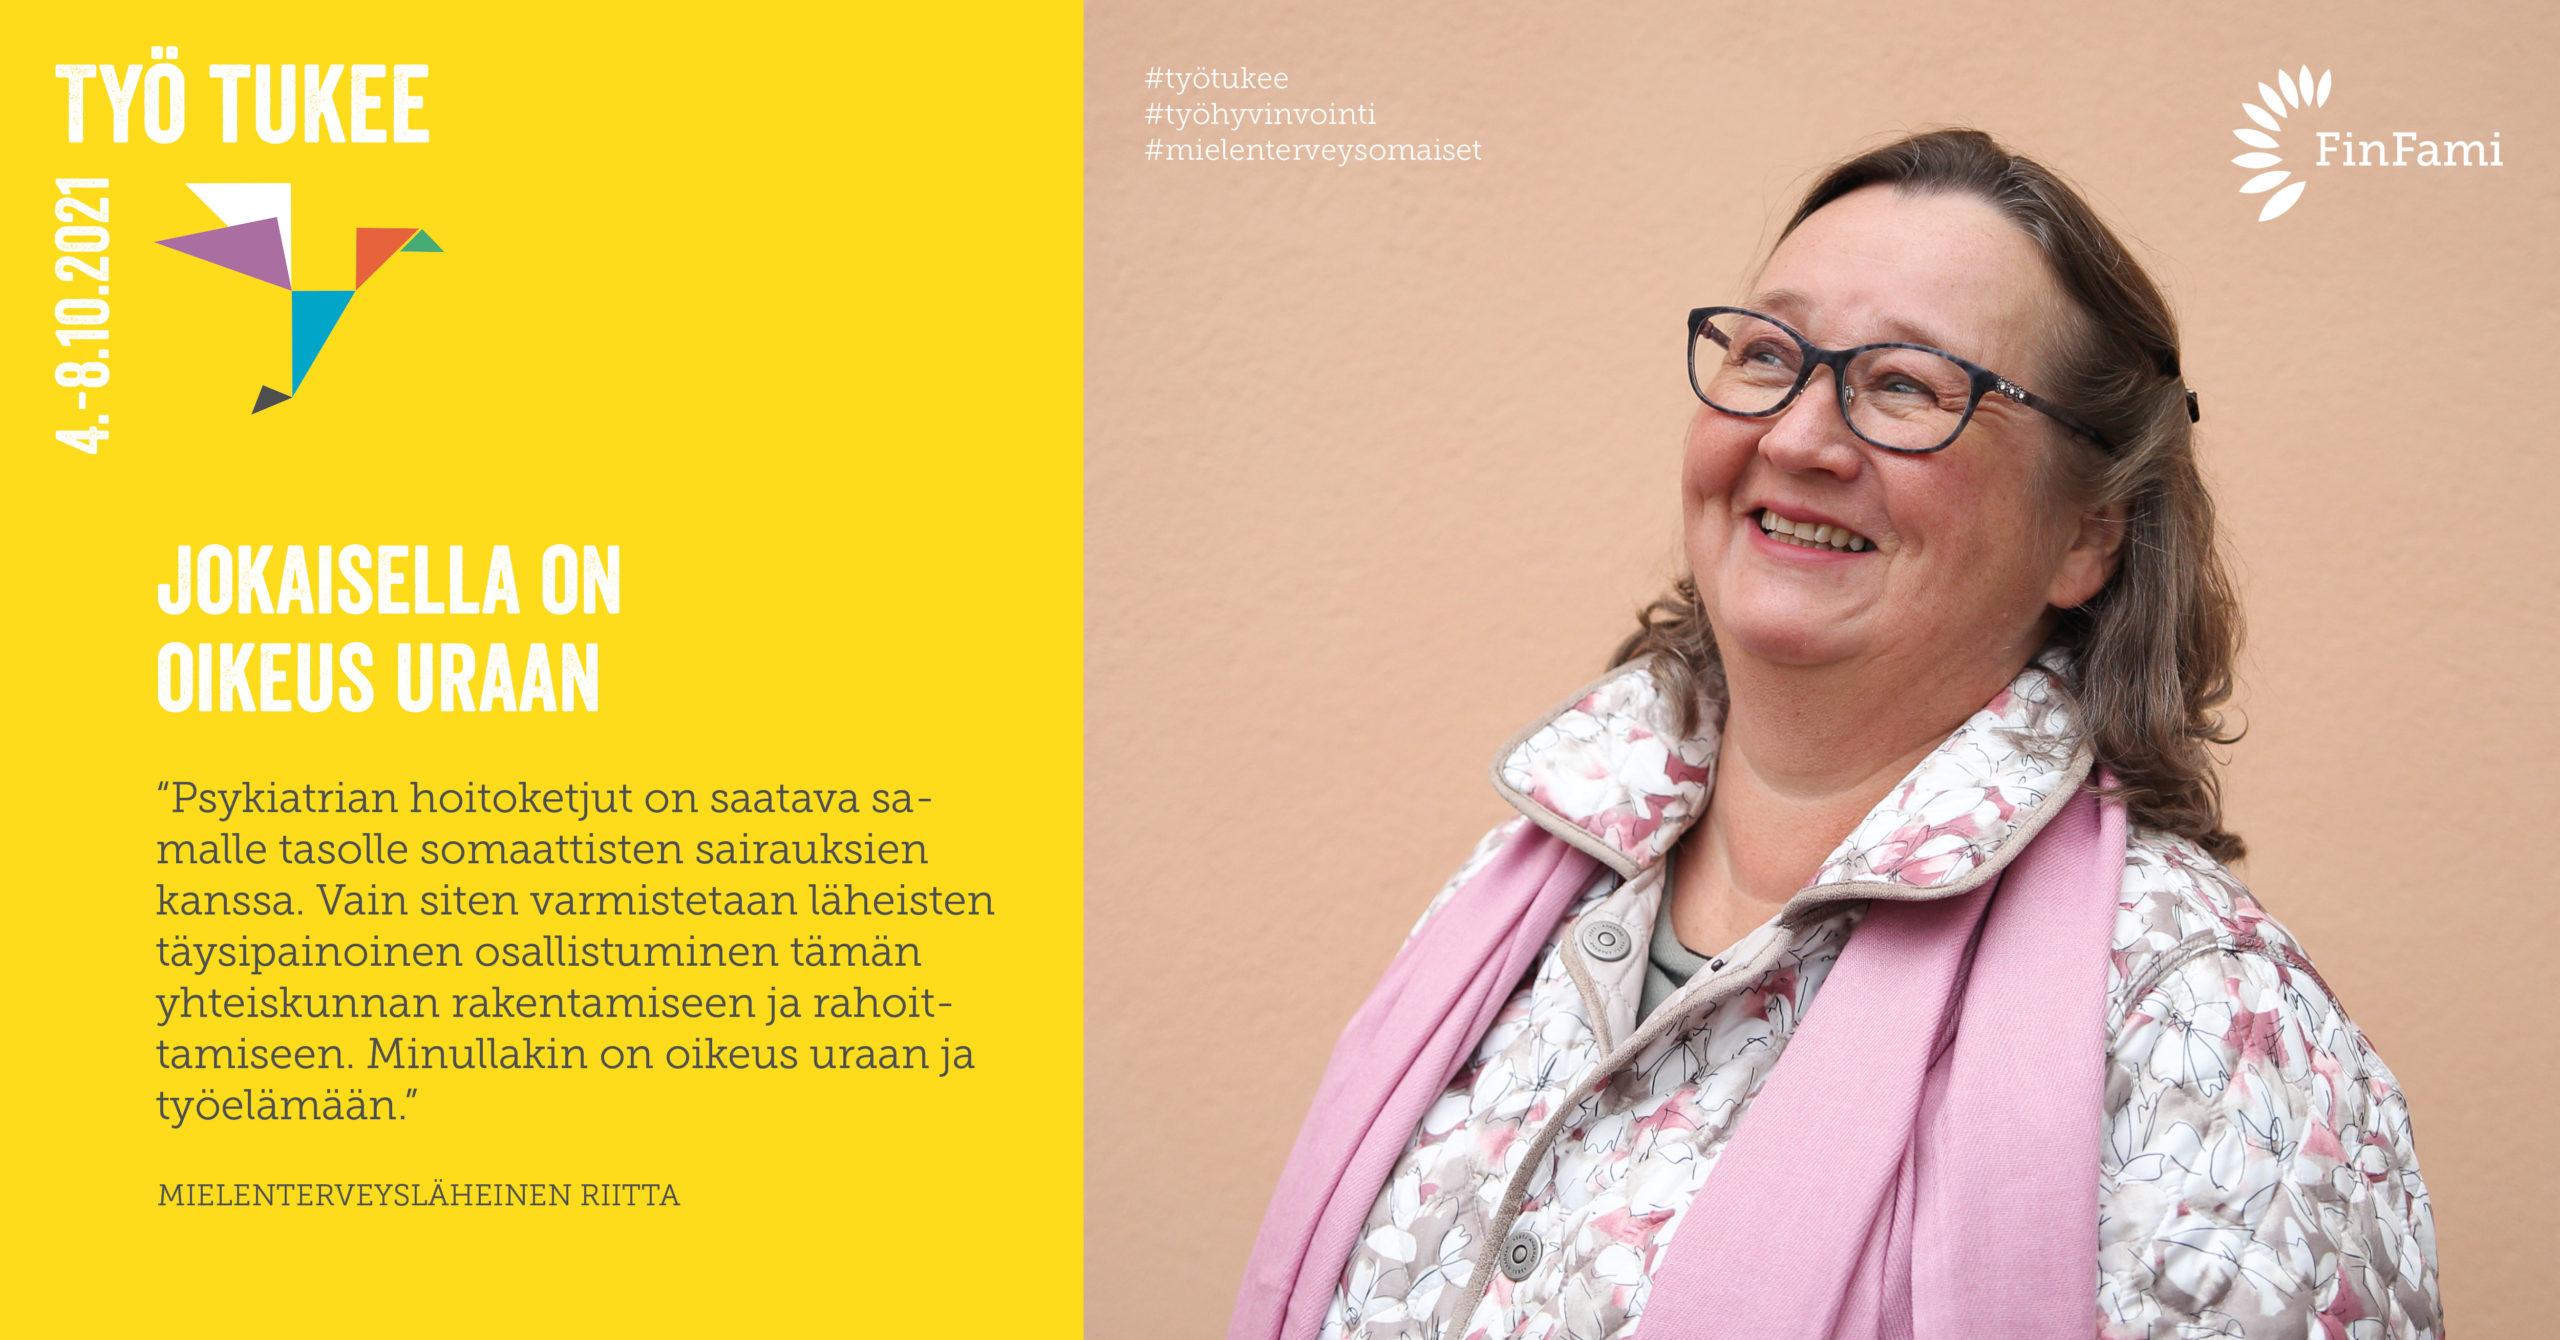 FinFamin Työ tukee -kampanjakuva_Nainen hymyilee vaaleanpunainen tausta_kuva Sara Taskinen